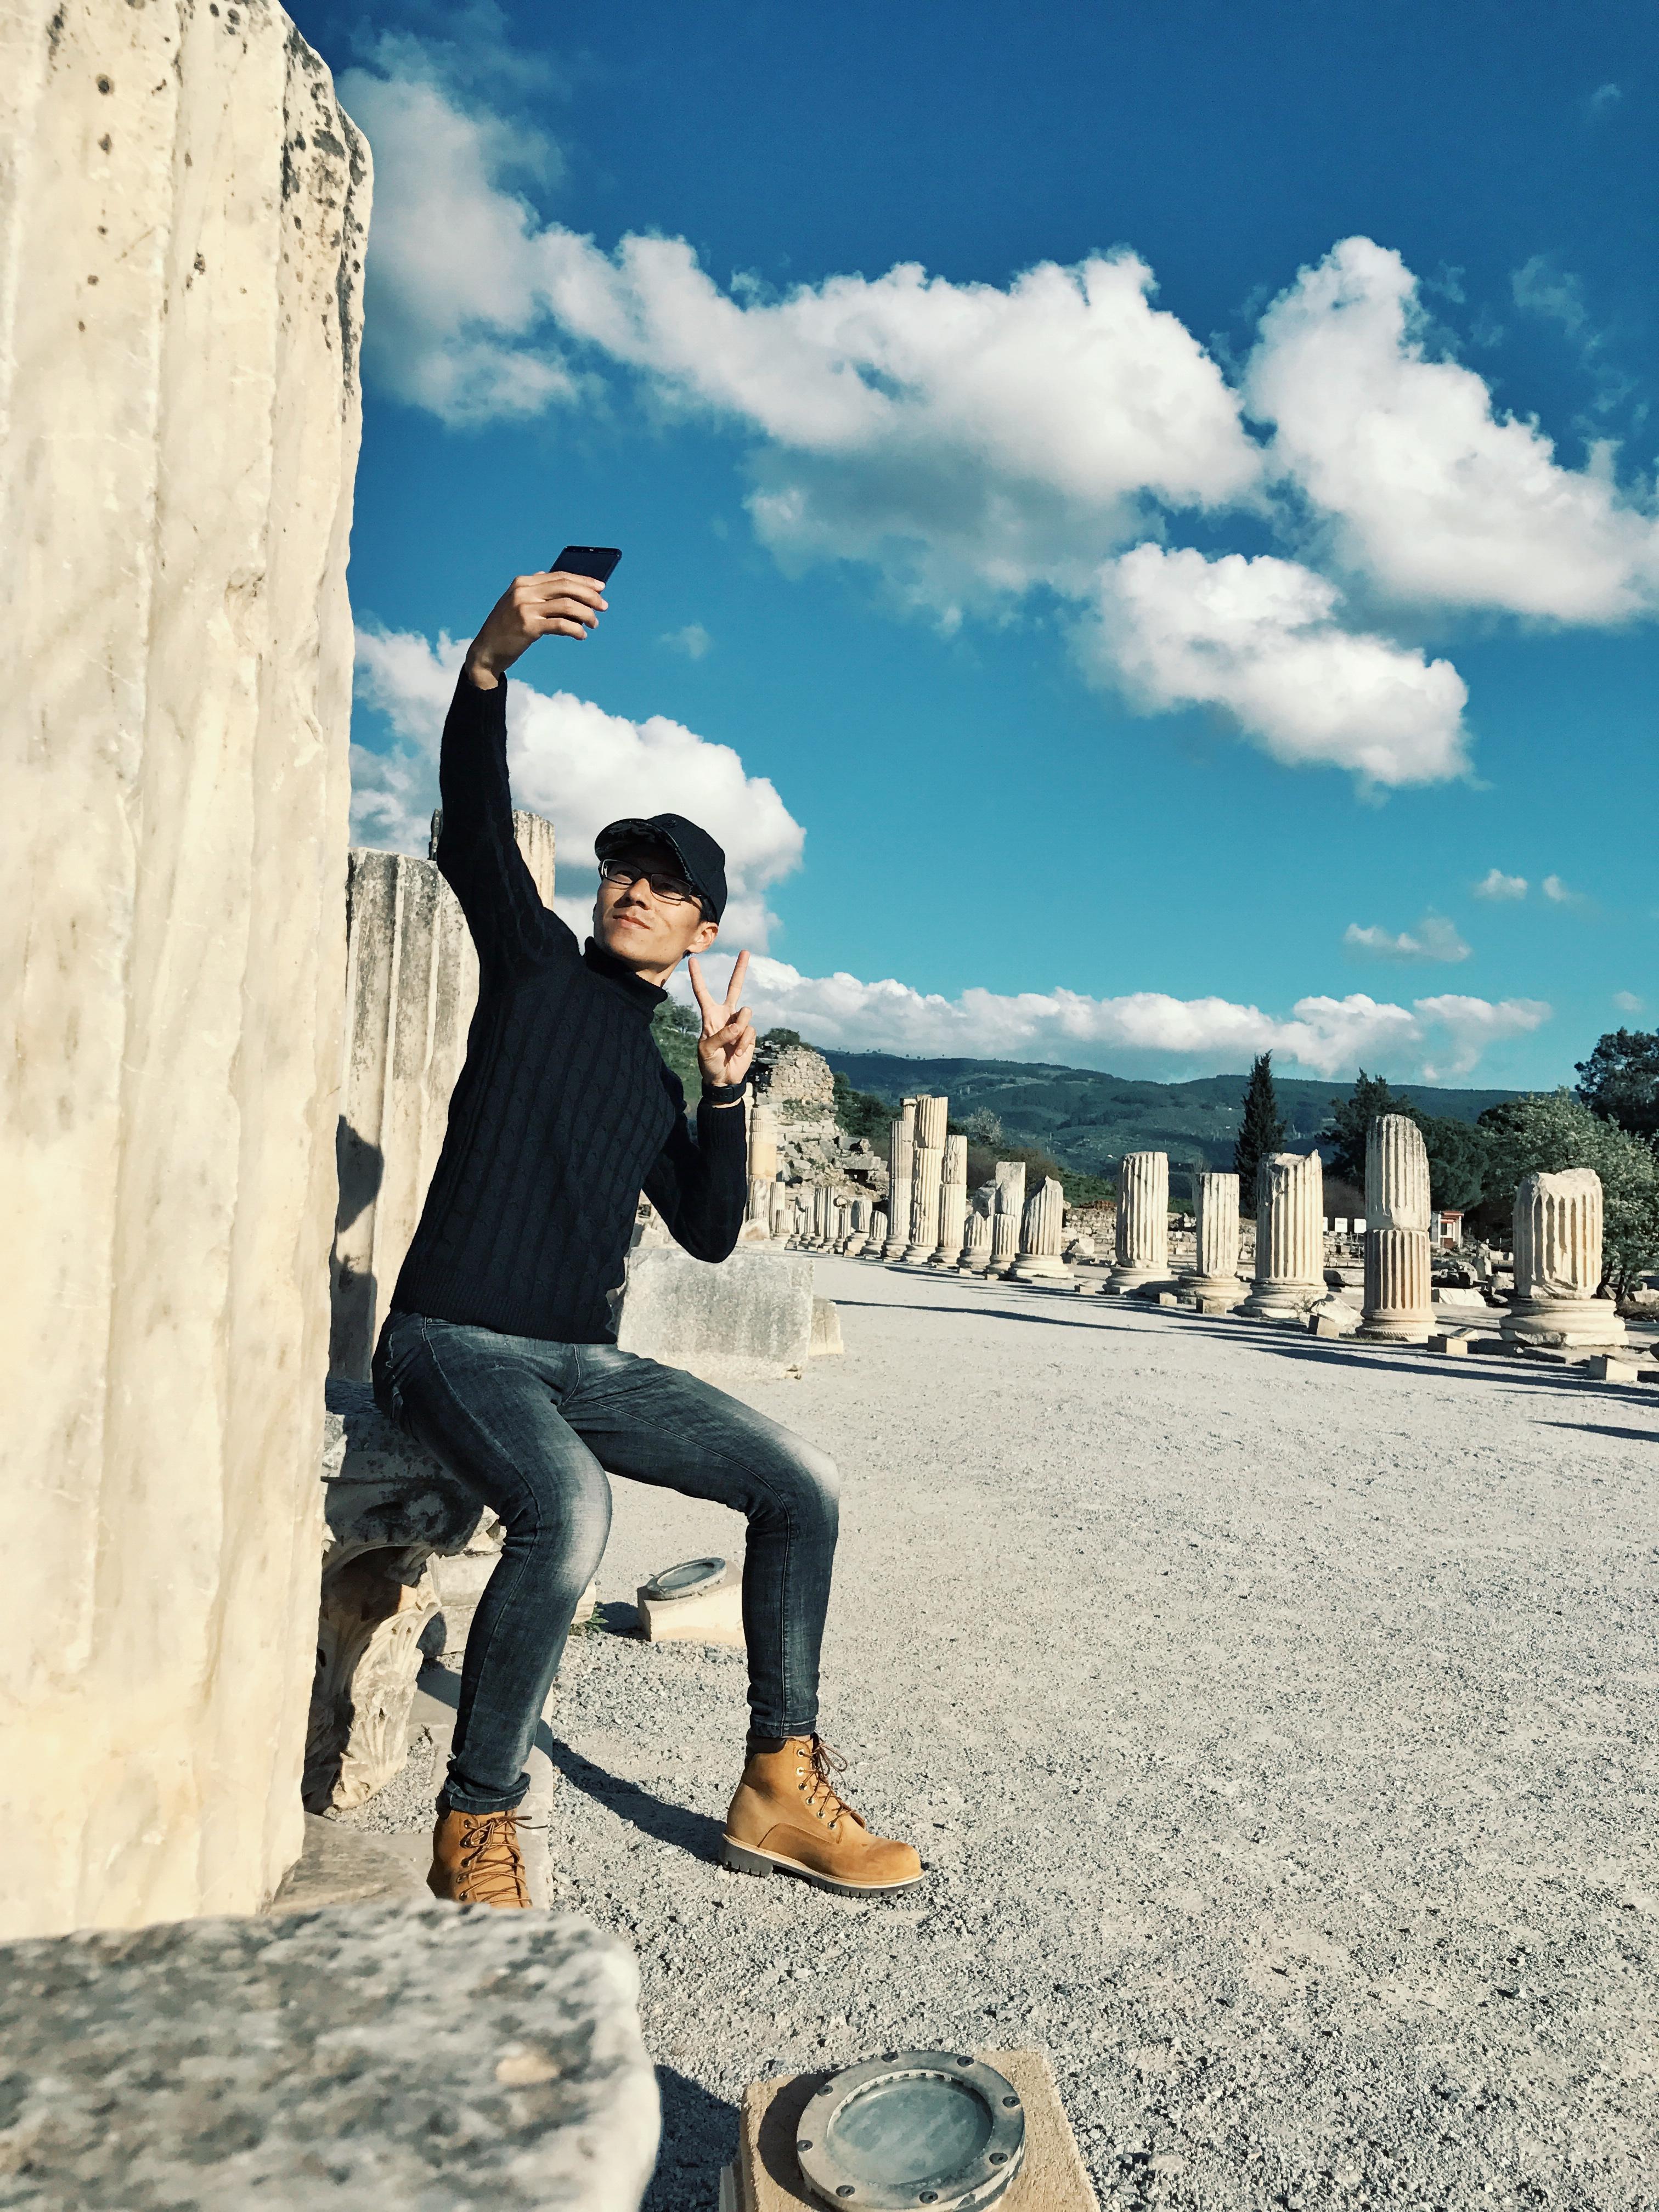 拿着你给你的照片_手机在旅行中的高逼格自拍技巧 - 知乎